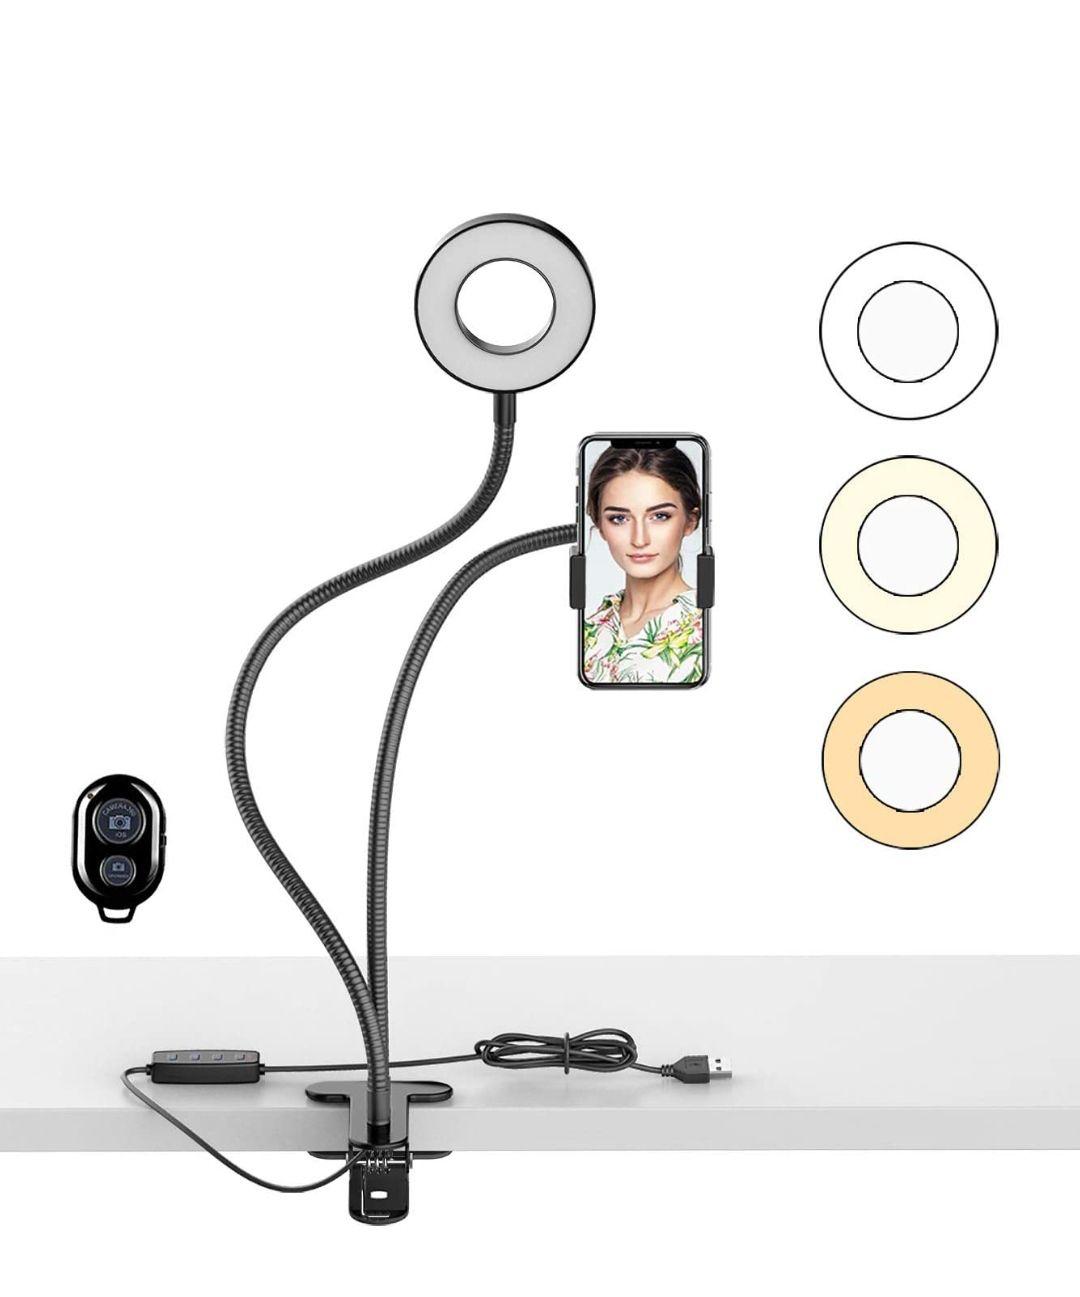 Selfie LED Anillo de Luz con Soporte para Teléfono, 3 Modos de Color para Transmisión en Vivo,Videos de Youtube TikTok, Maquillaje